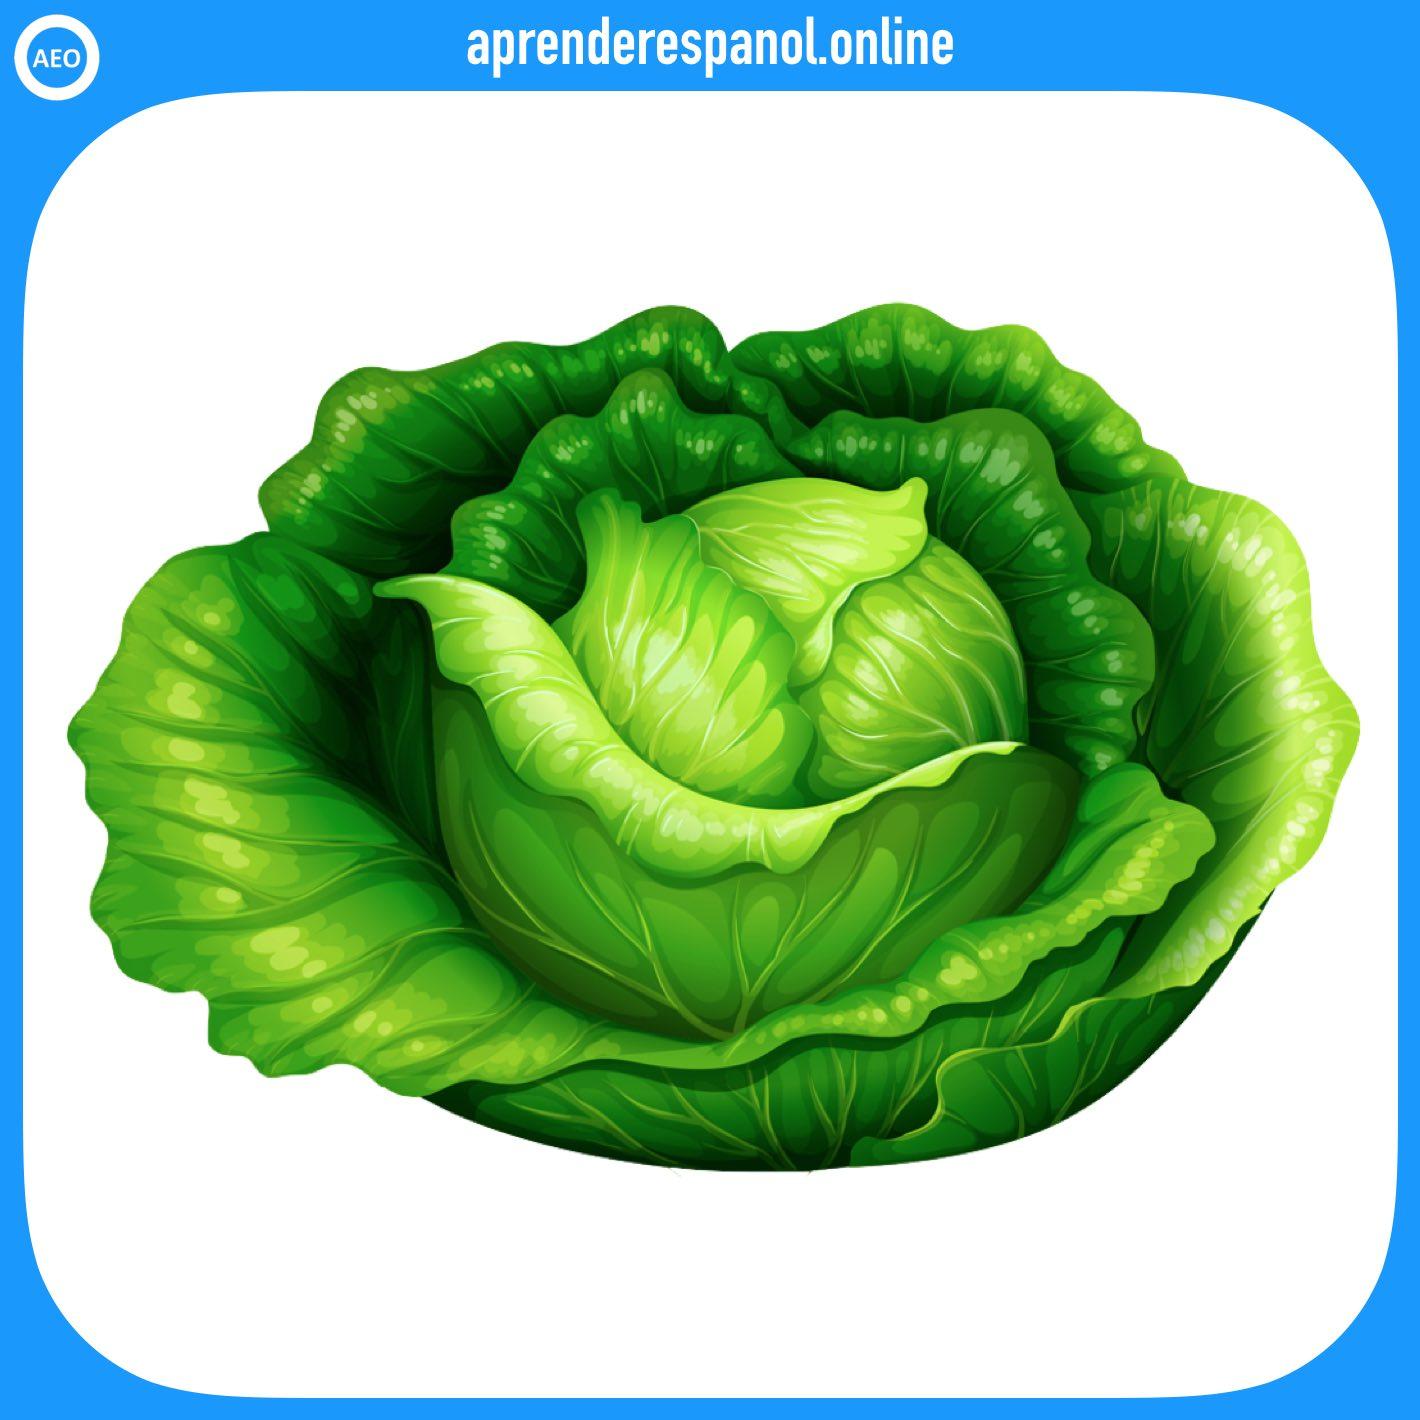 lechuga | verduras en español | vocabulario de las verduras en español